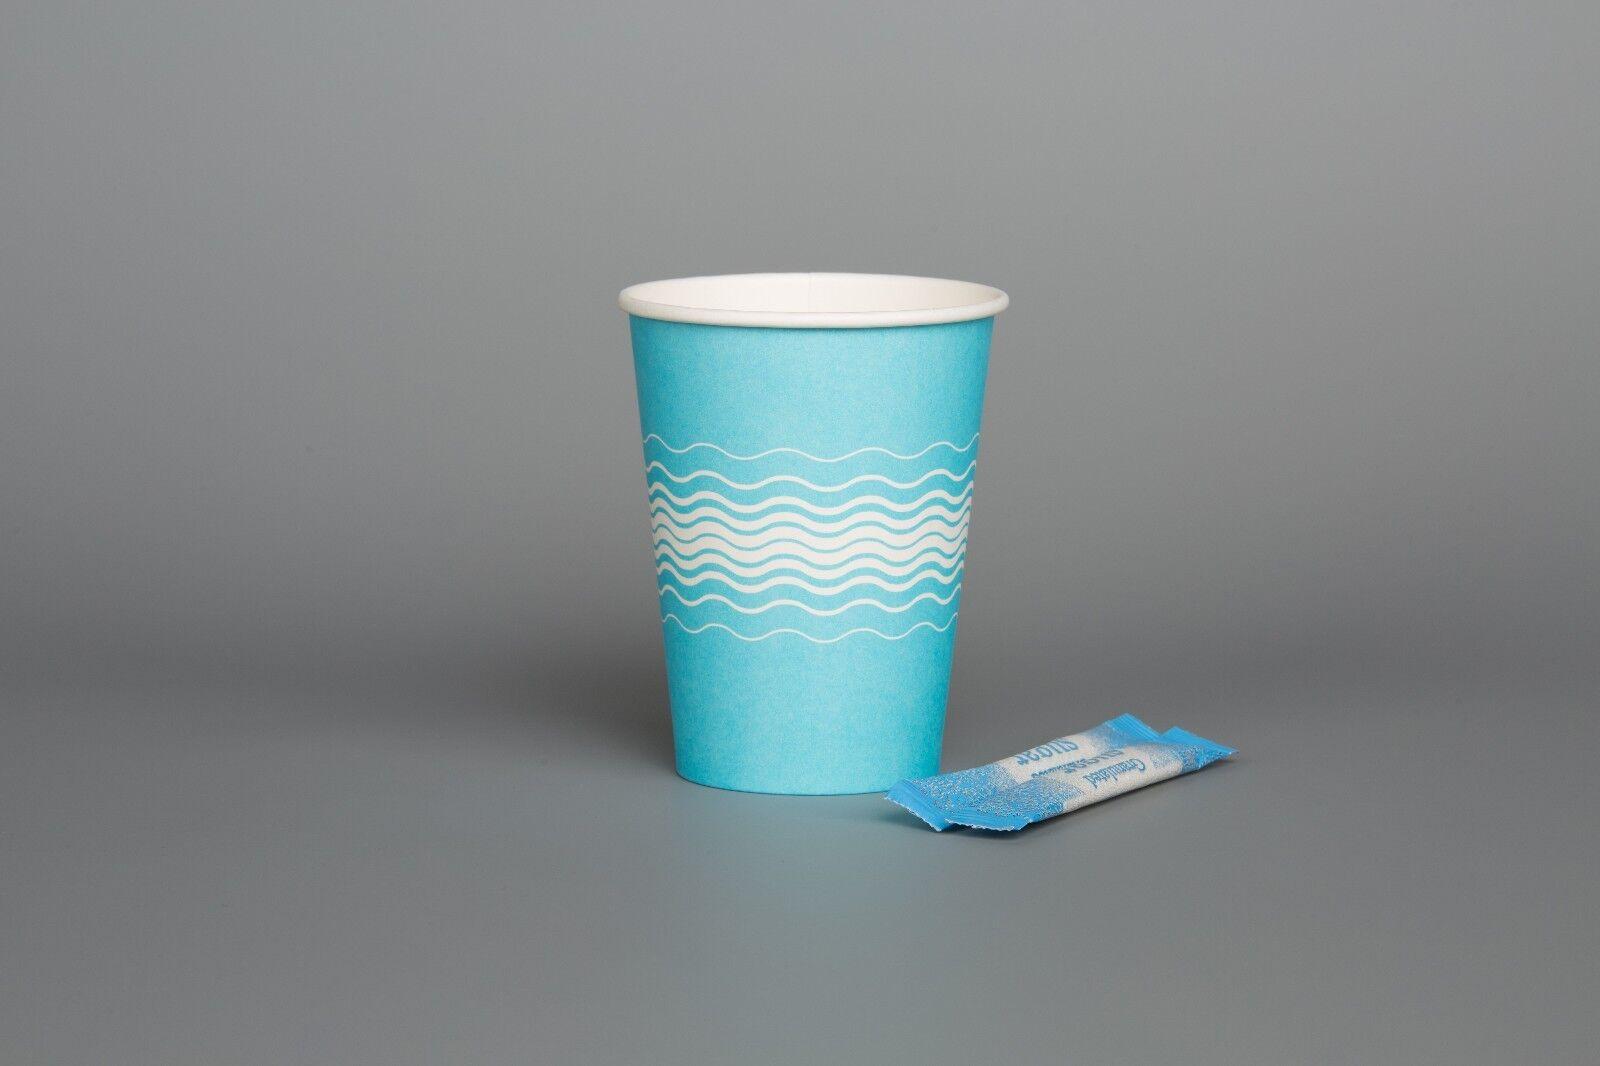 Jetable Fête Baby Bleu Paper Cups Cups Cups événements Anniversaire Baptême Catering 76a39a